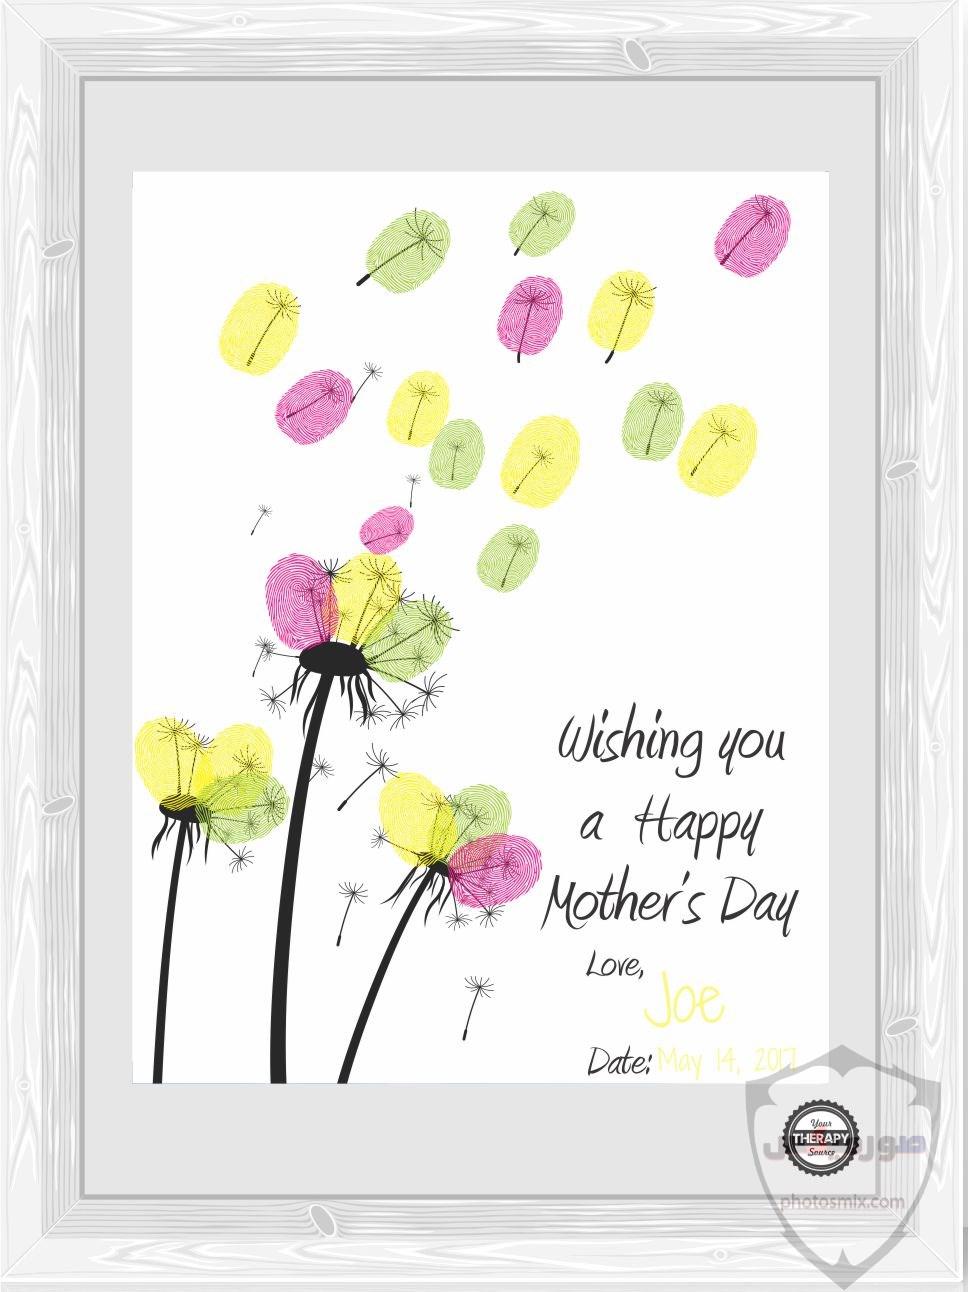 صور عيد الام 2020 أشعار عن الأم يوم الأم رمزيات عن الأم Mother Day 34